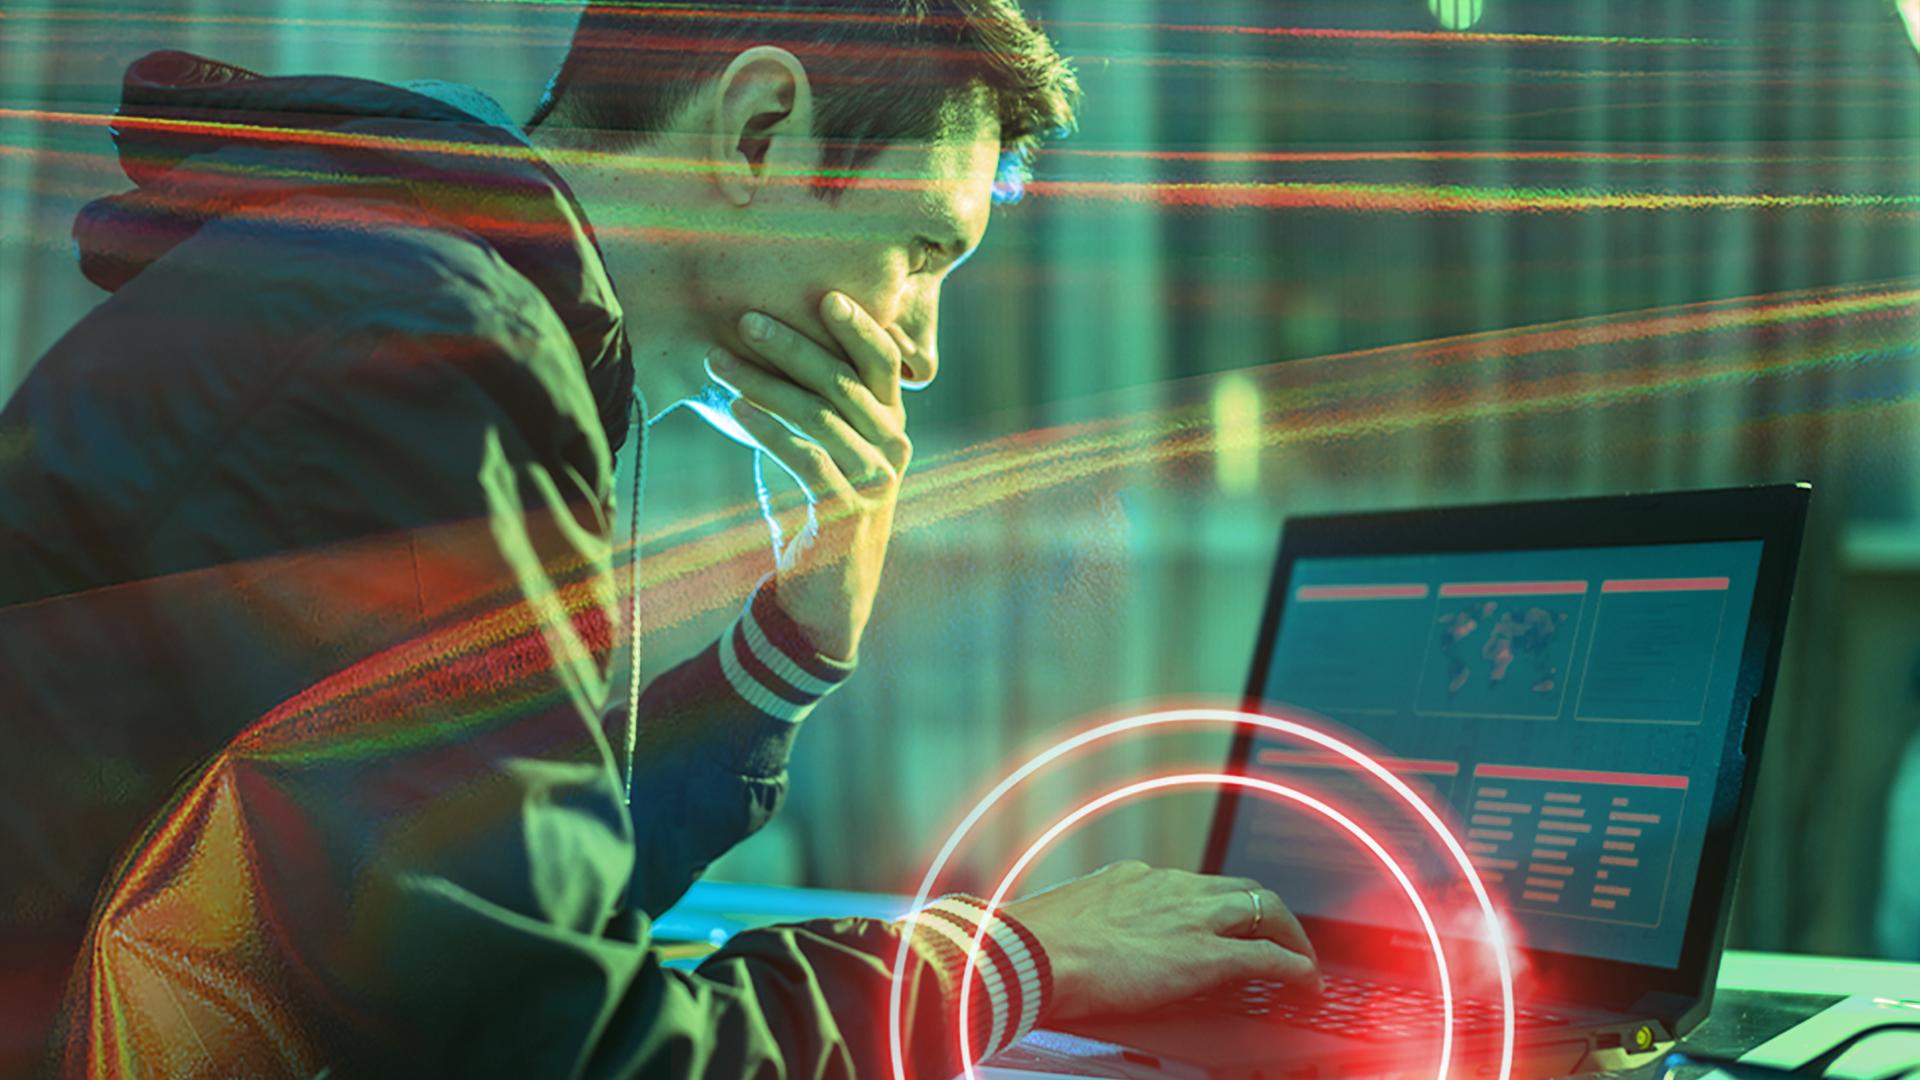 Russland verbietet Opera VPN und VyprVPN, stuft sie als Bedrohung ein